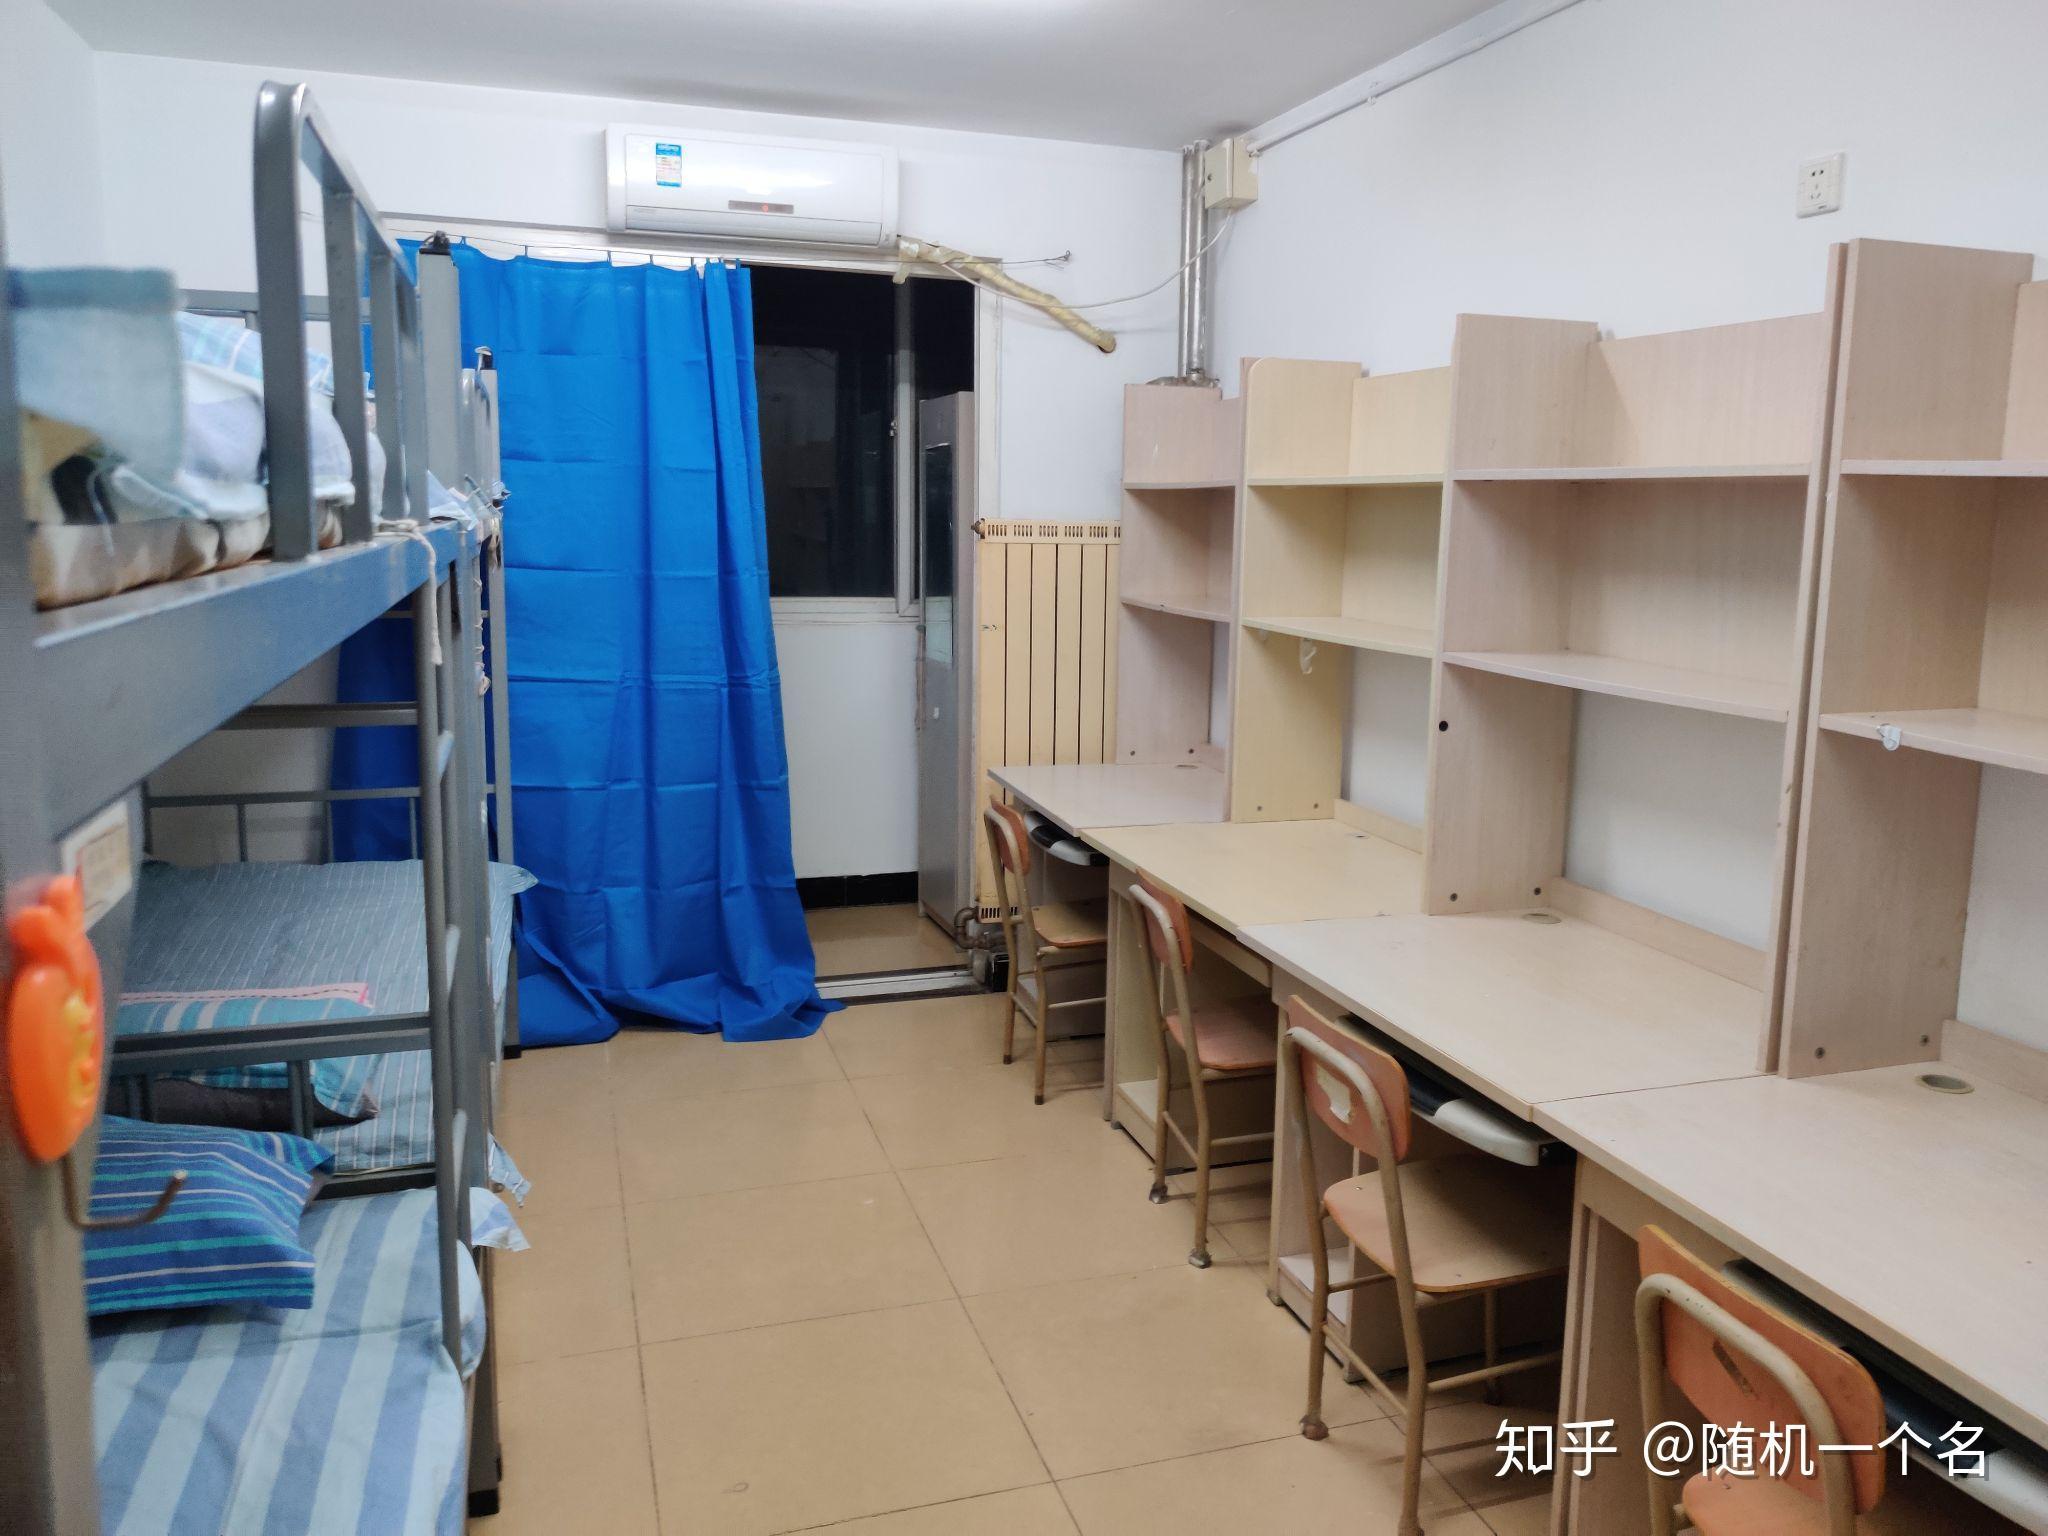 中国矿业大学北京宿舍